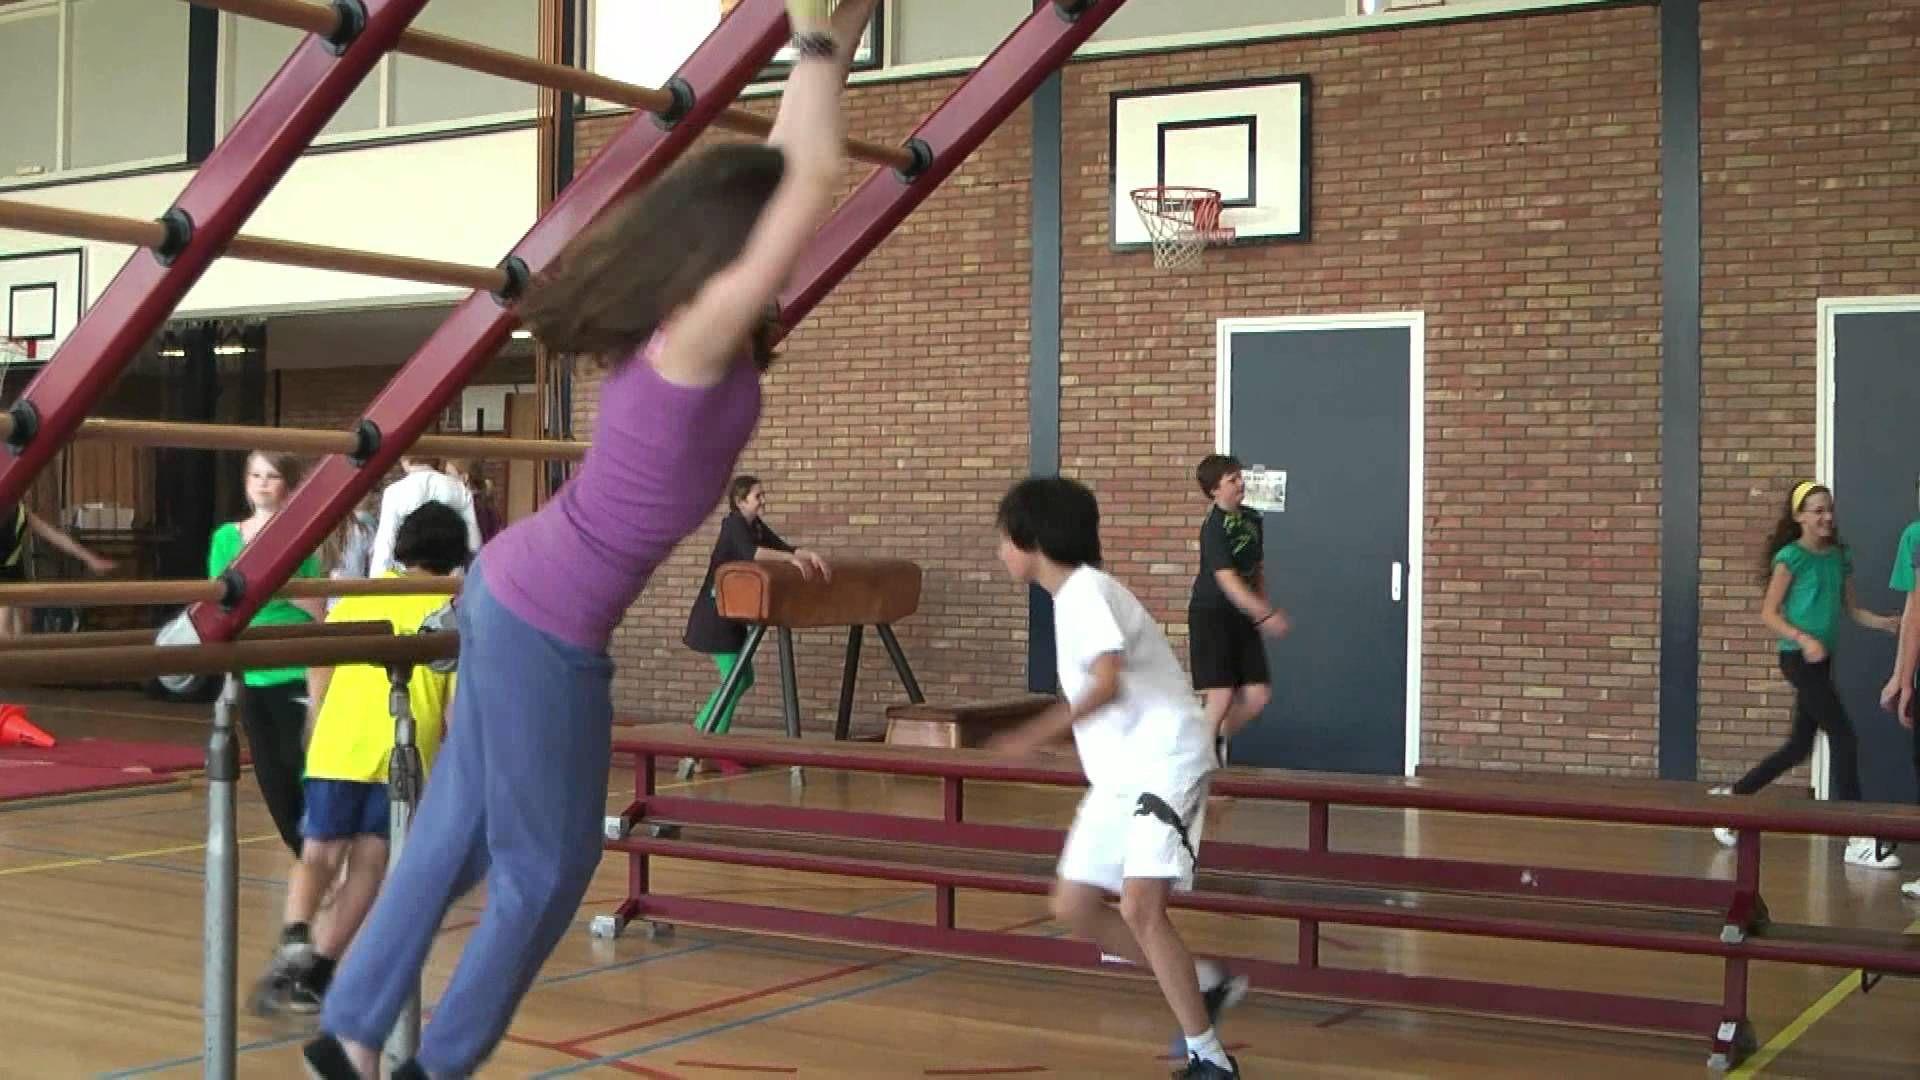 Freerunning Obs De Tweemaster Groep 8 Gd 2012 Lichamelijke Opvoeding Gym Spelletjes Gymnastiek